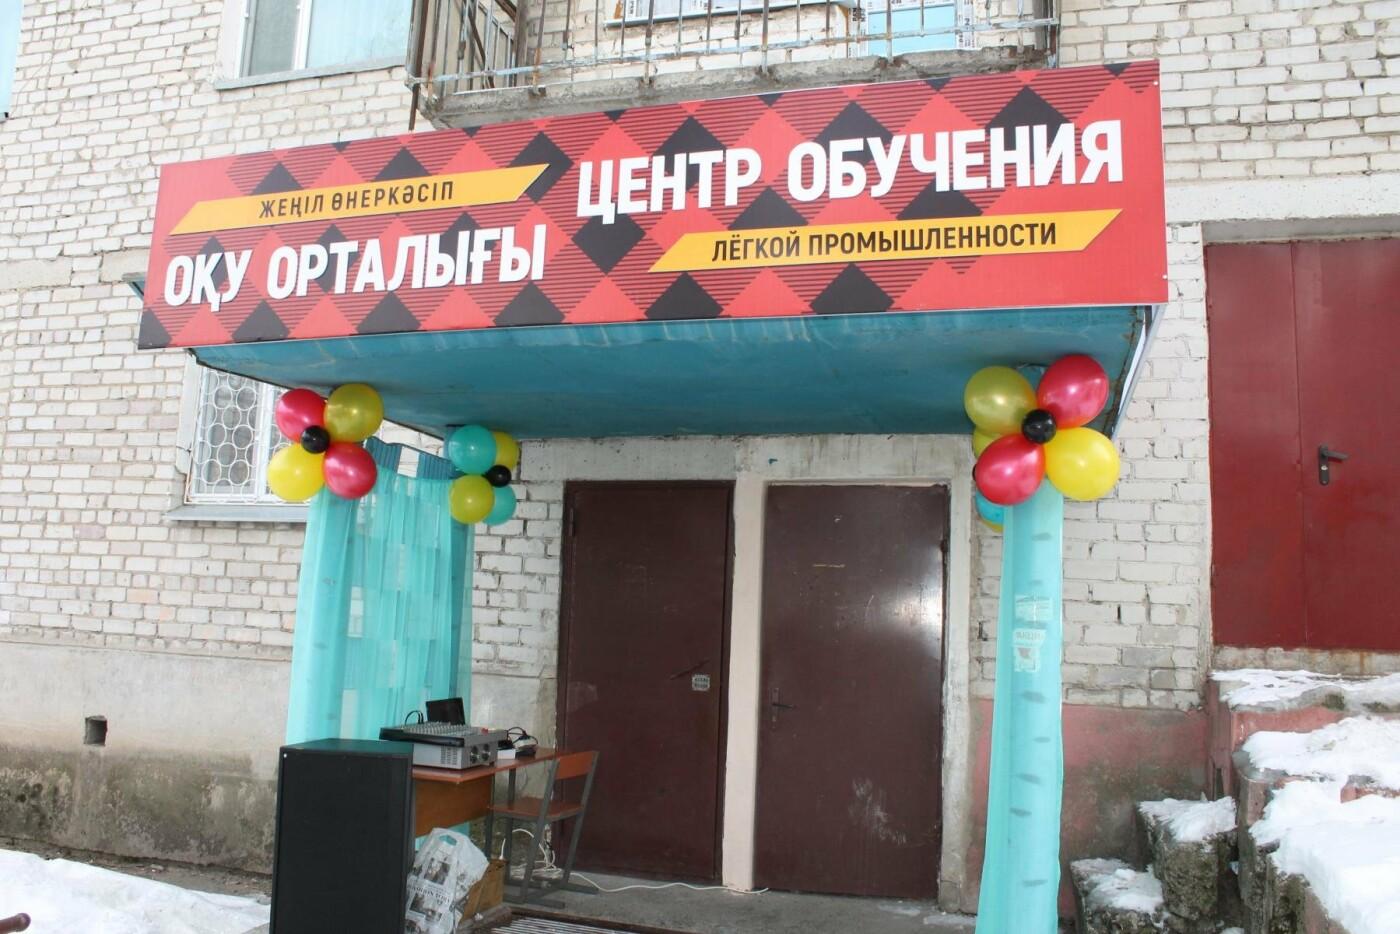 Основам швейного дела будут обучать безработных в городе Текели, фото-1